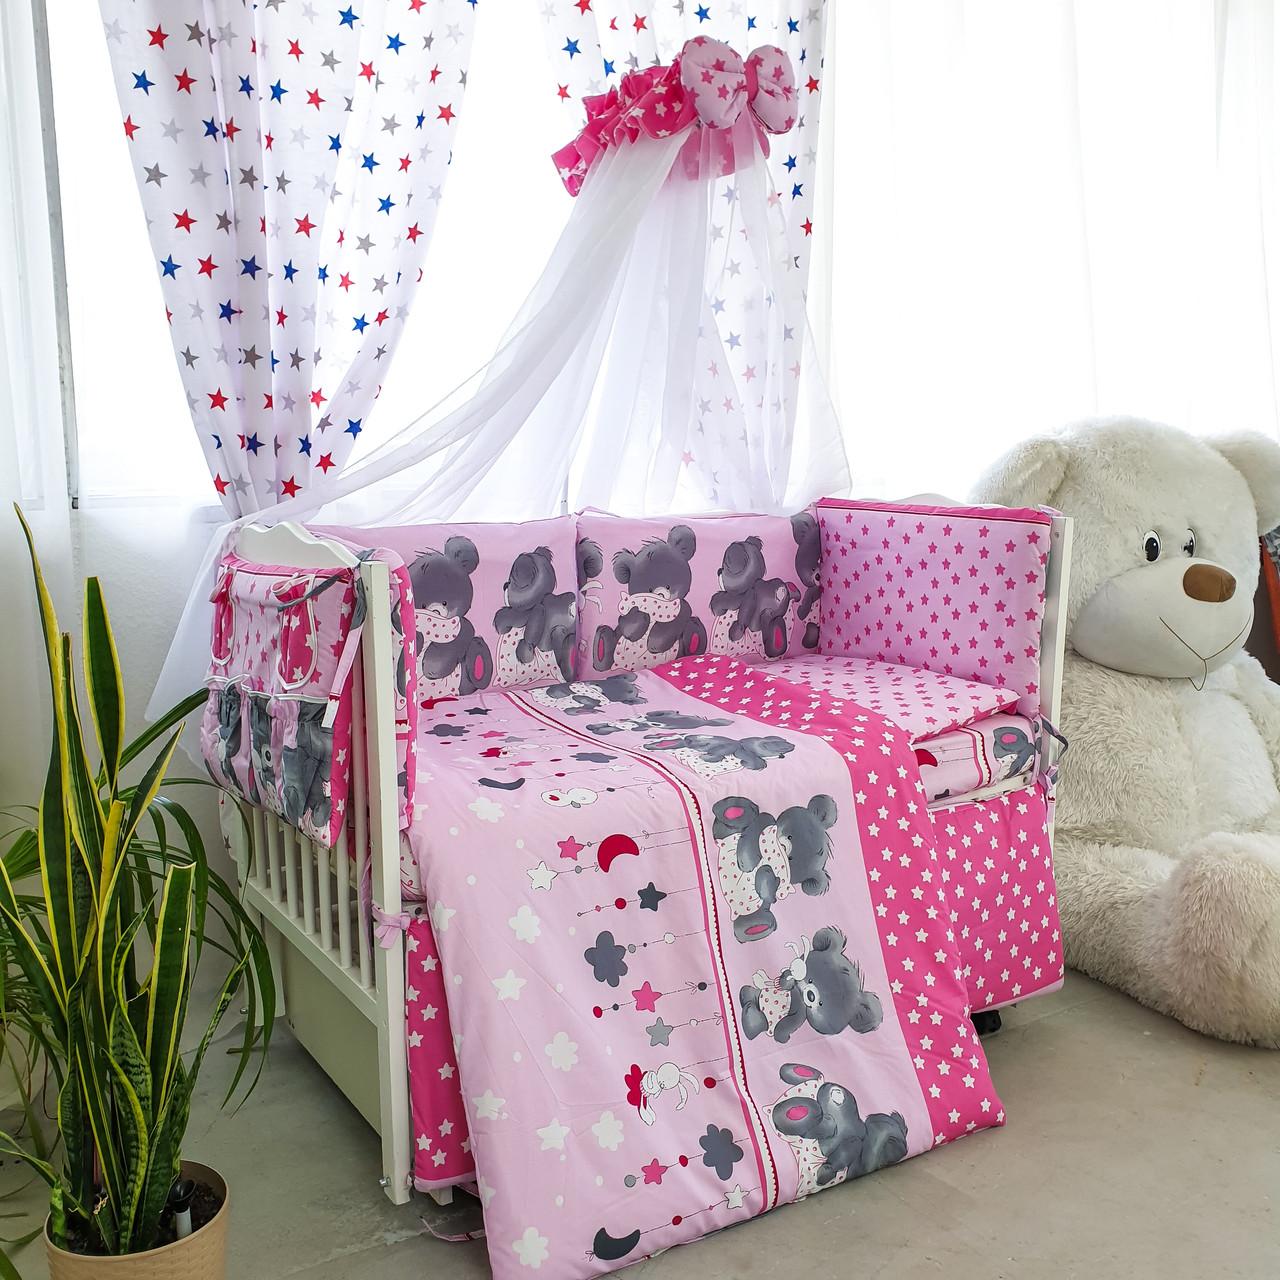 Дитяча постіль Ведмедики дітки рожевий 8 елементів (кольори в асортименті)Безкоштовна доставка